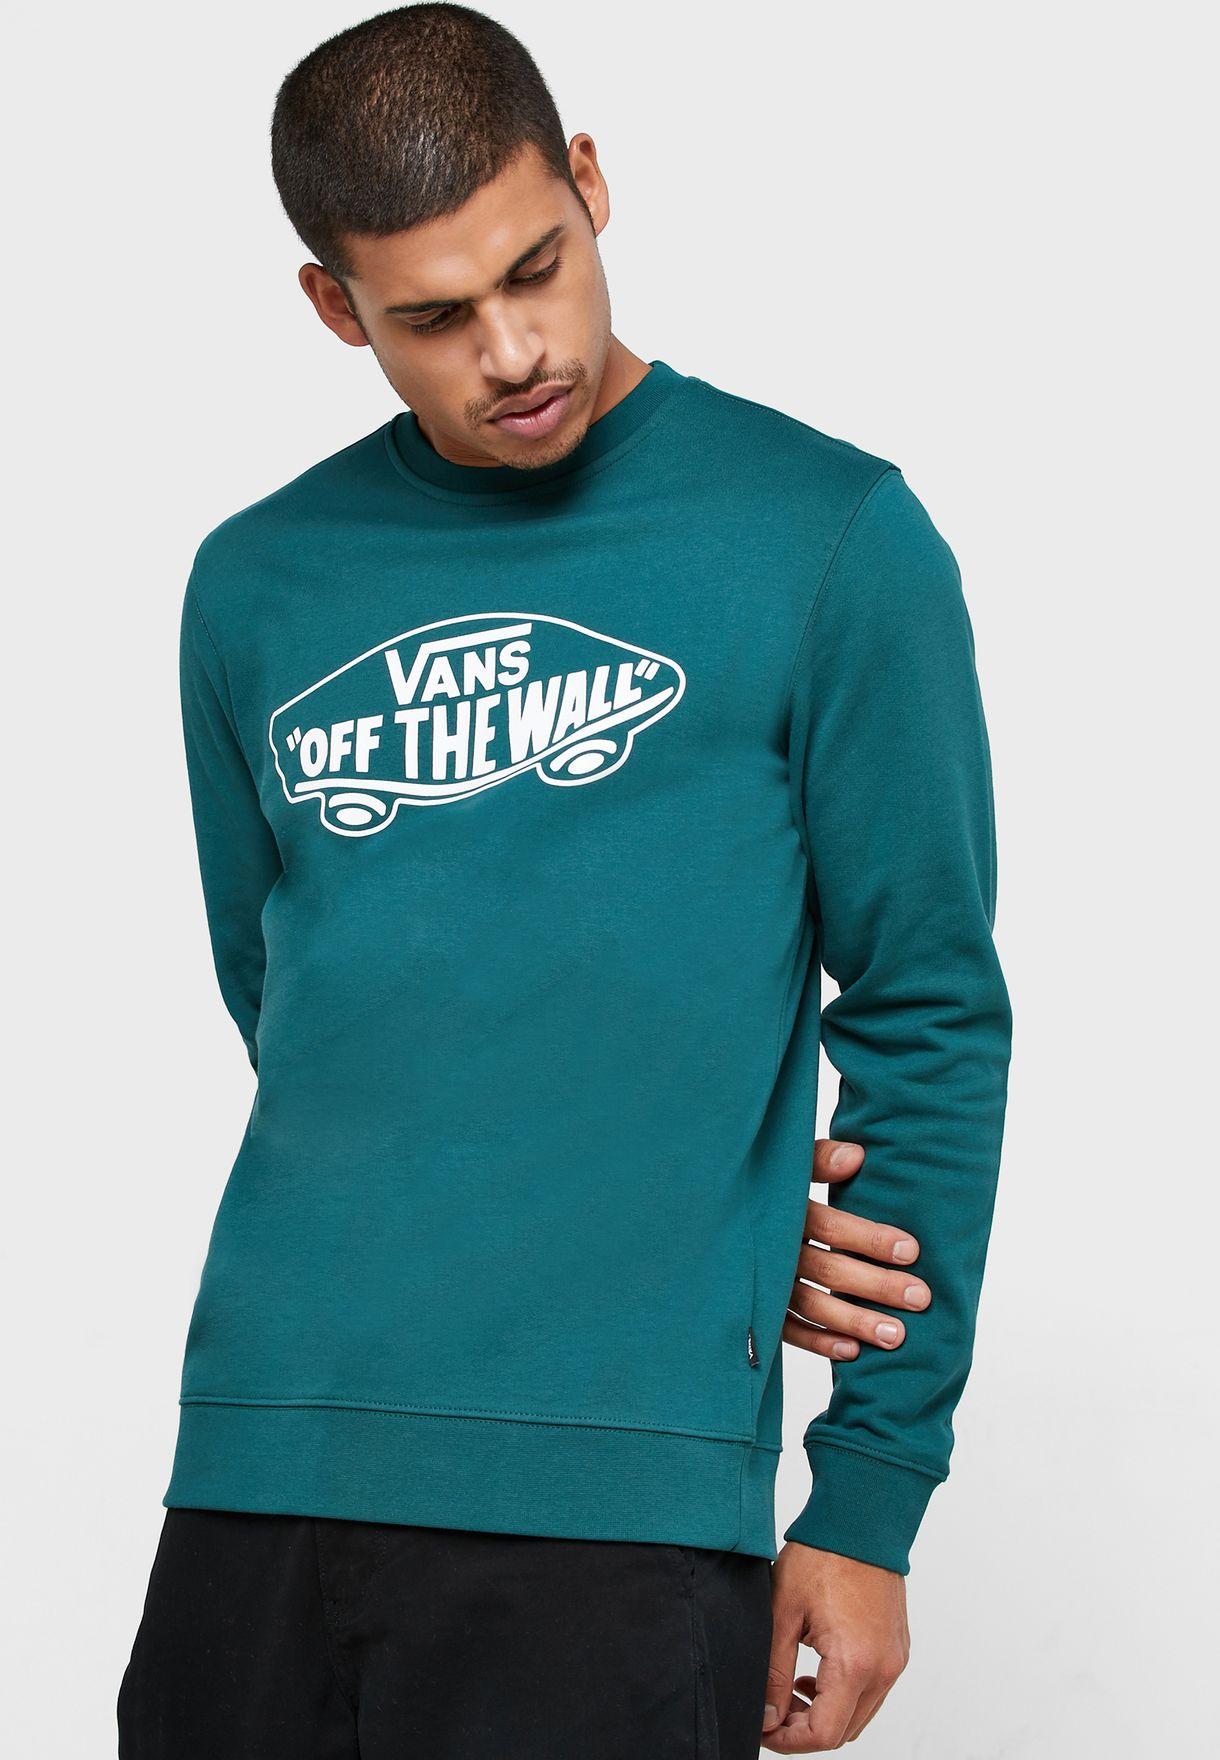 Off The Wall II Sweatshirt